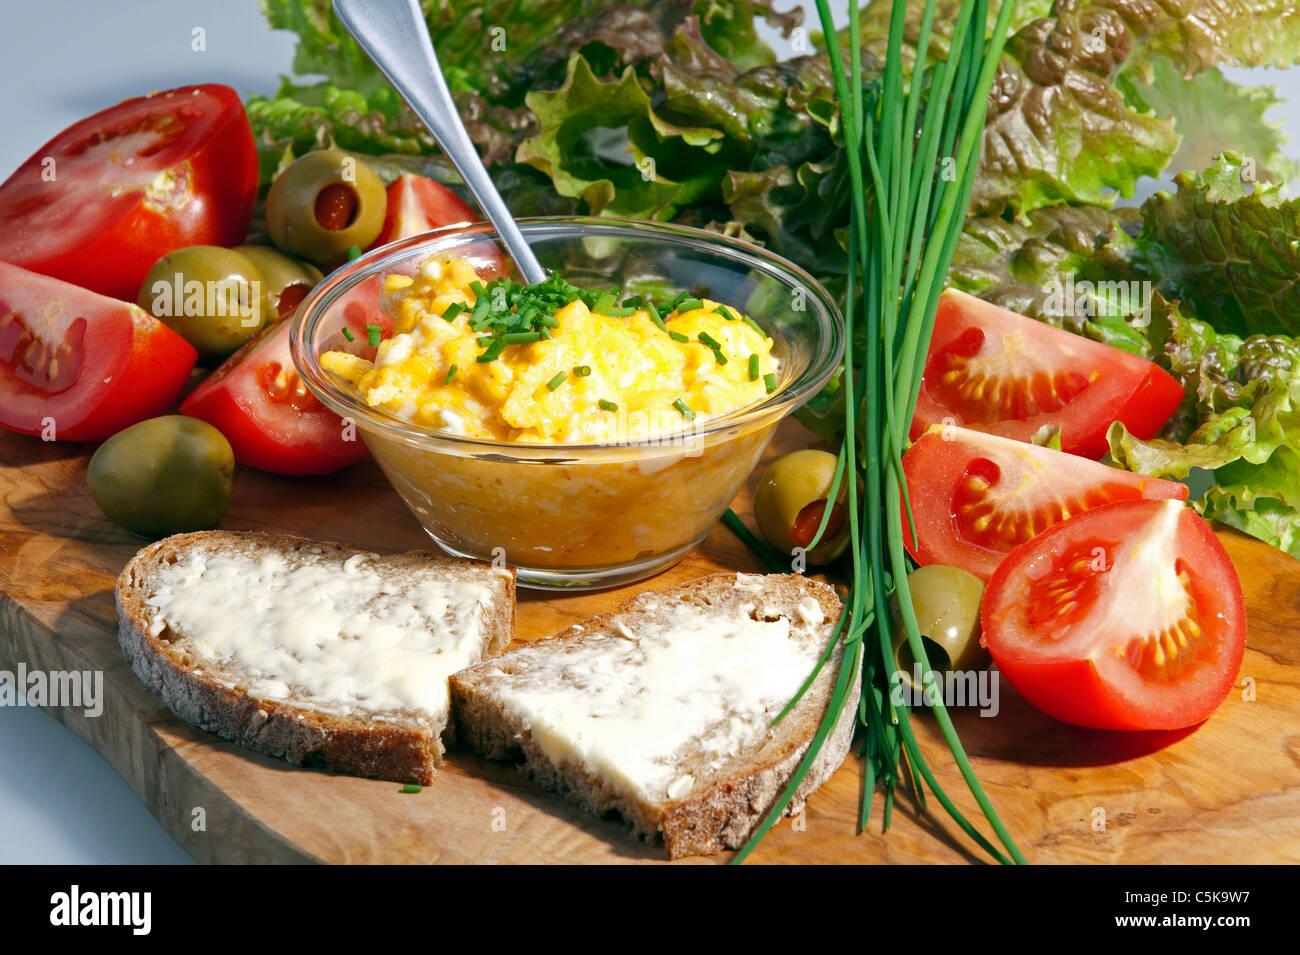 Frühstücksteller mit Eiern und Tomaten Stockbild